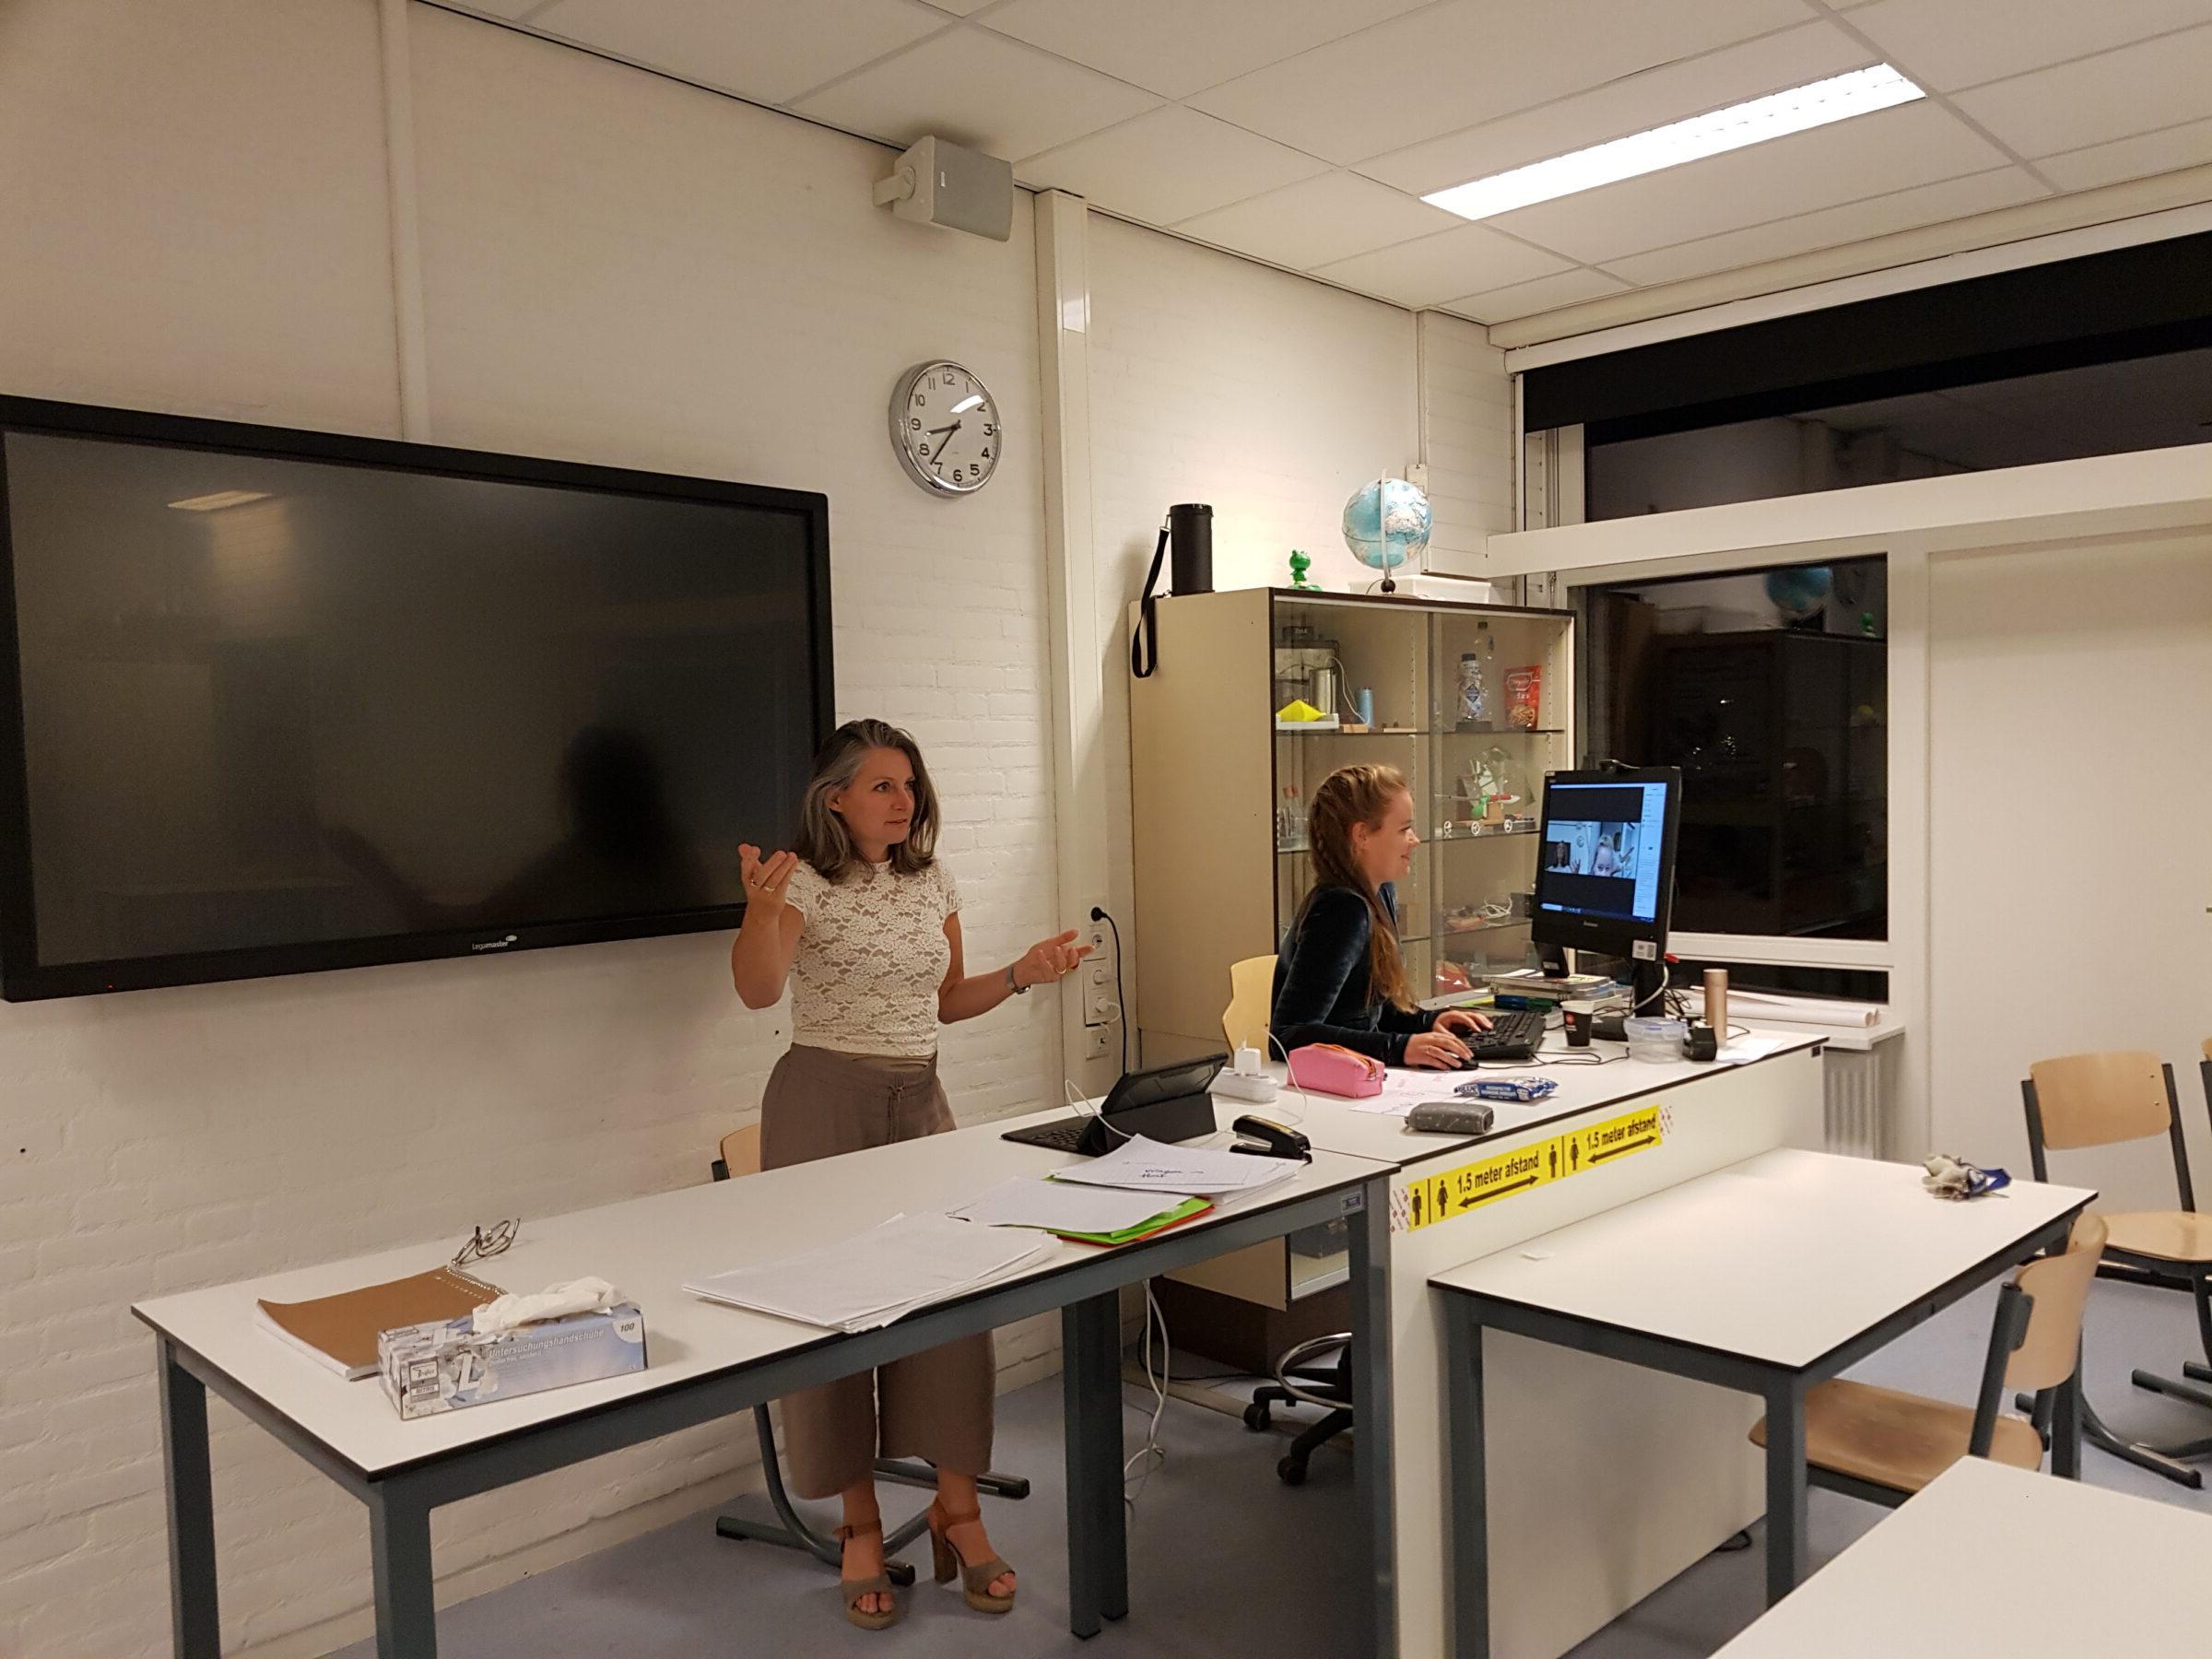 Petra van den berg en melissa rekers geven een webinar vanuit een lokaal op het ISENDOORN college in zutphen.